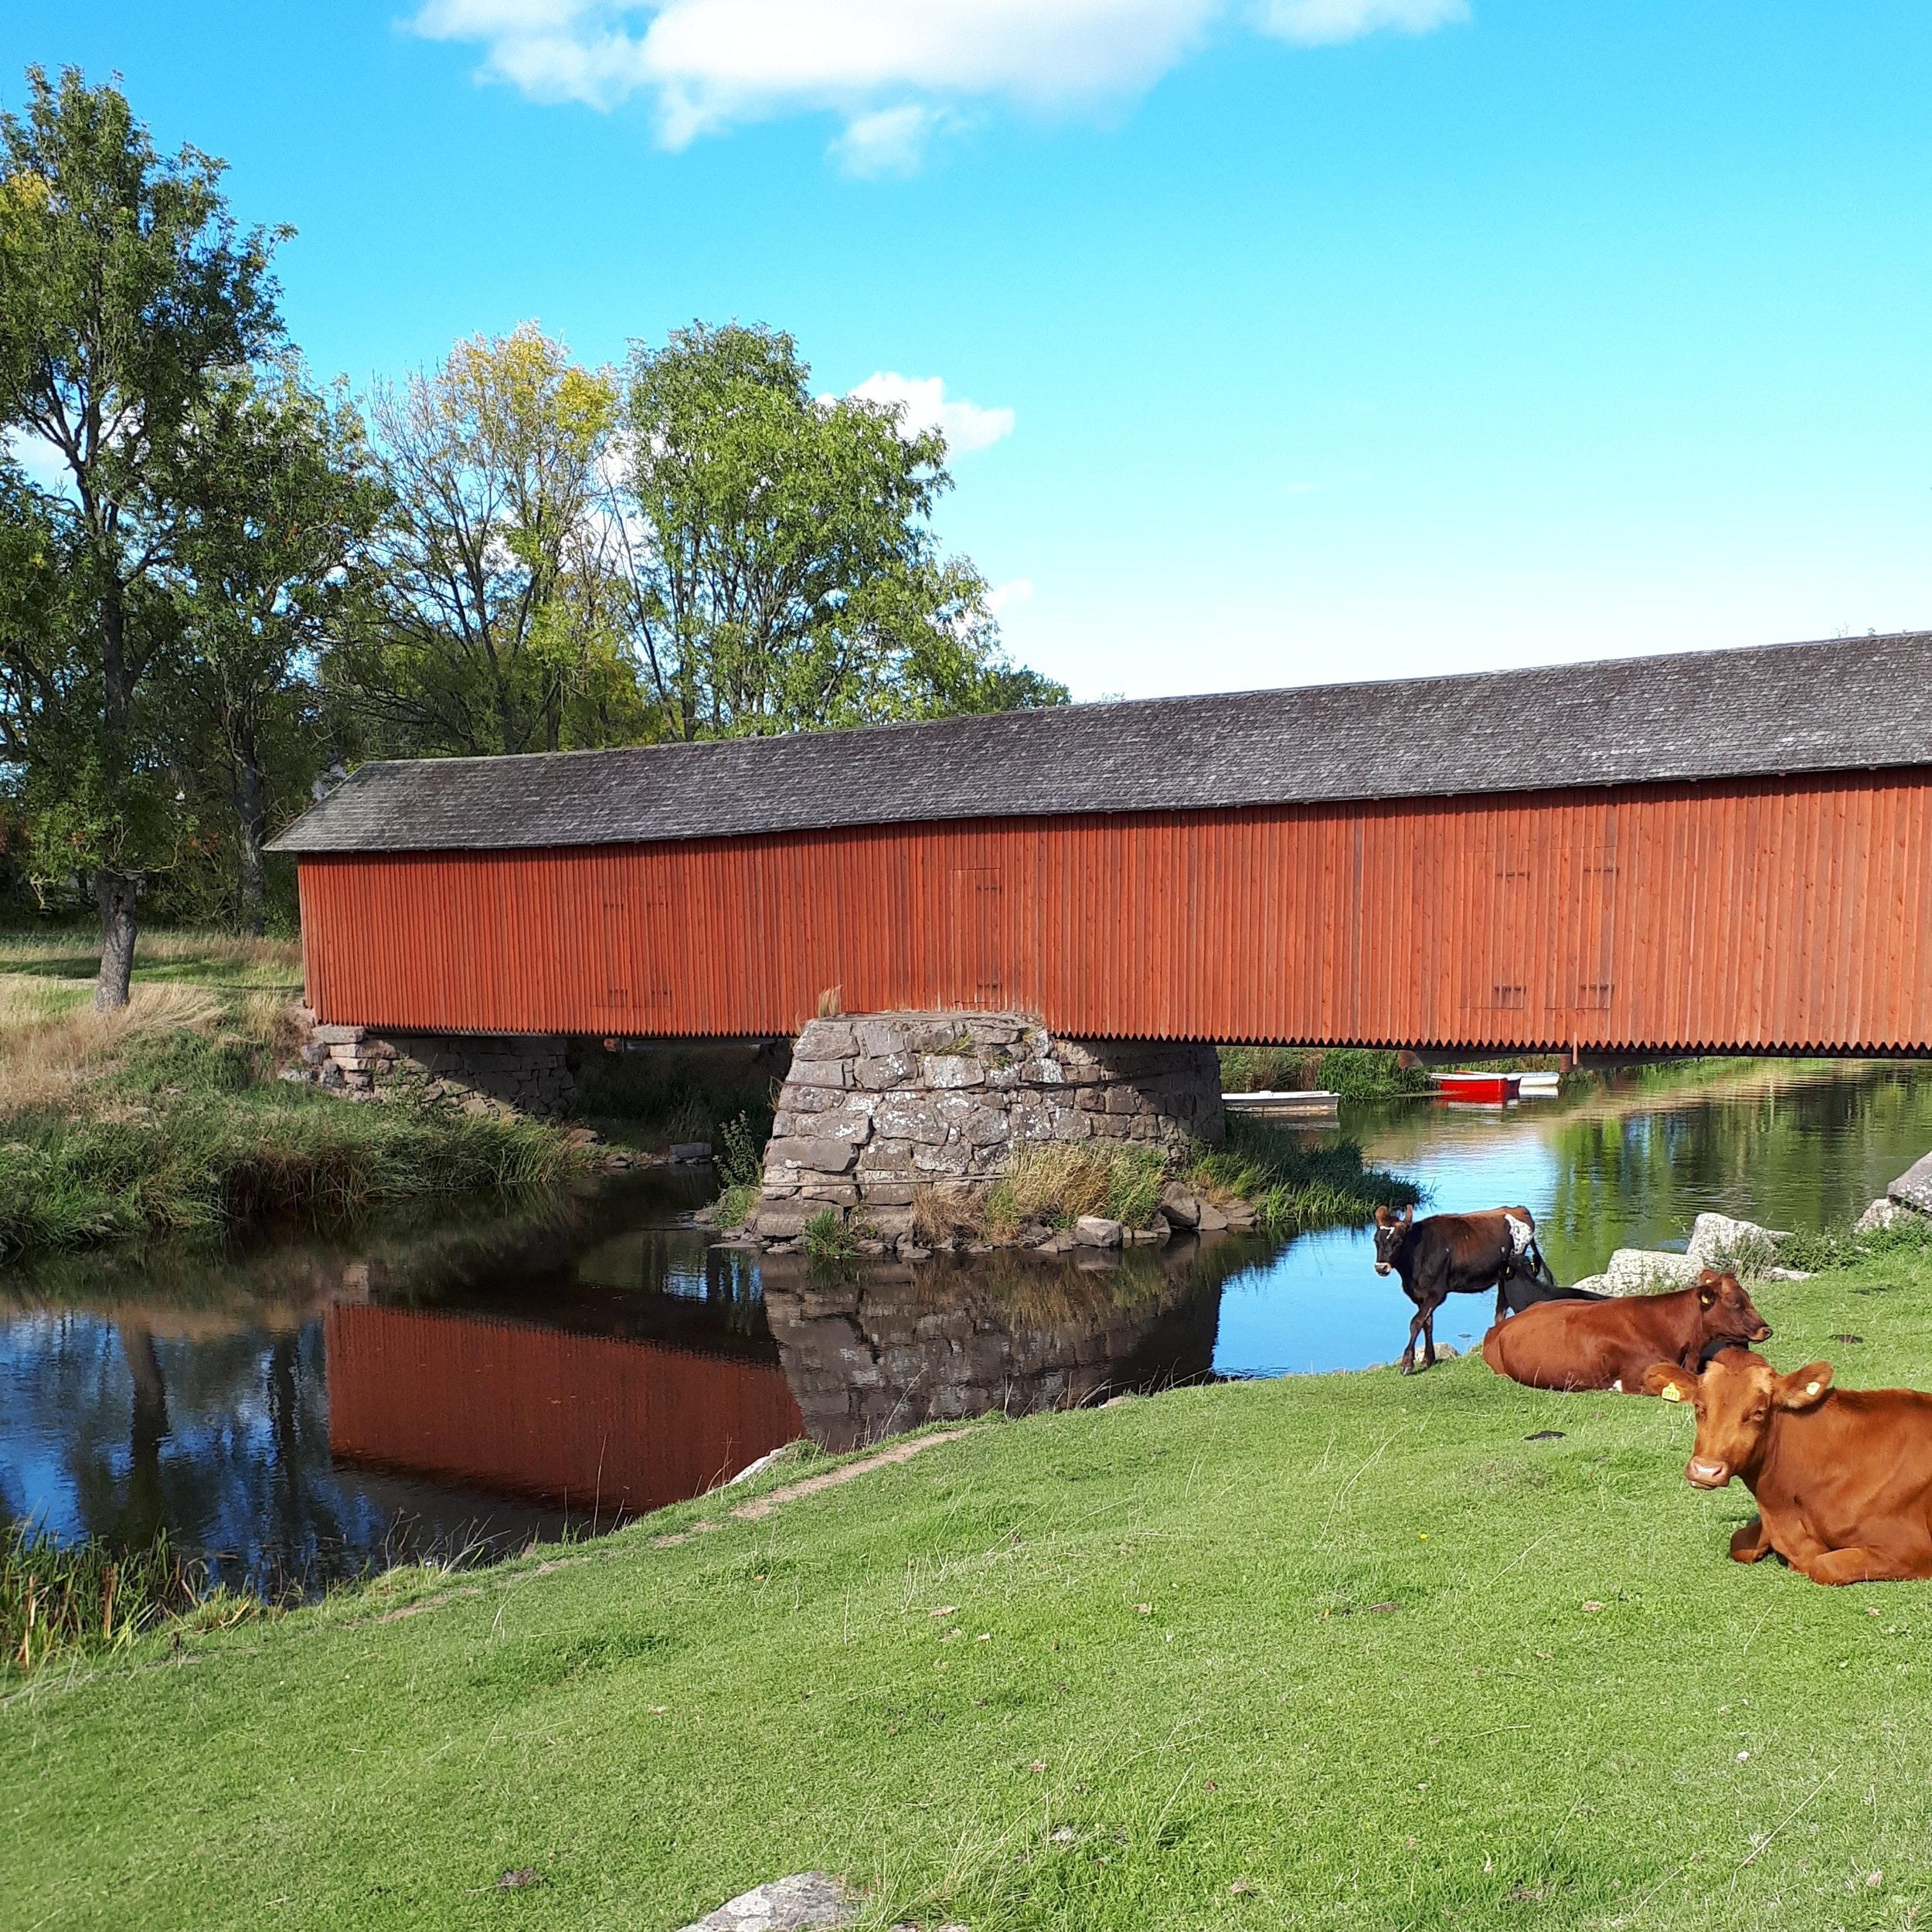 OMVÄG - VAHOLMS BROHUSSveriges enda brohus. Det är så det är, en bro med ett hus på. Ca 300 meter norr on samhället Tidan ligger brohuset på vänster sida av vägen.Tips inskickat av: Alvar Holmgren